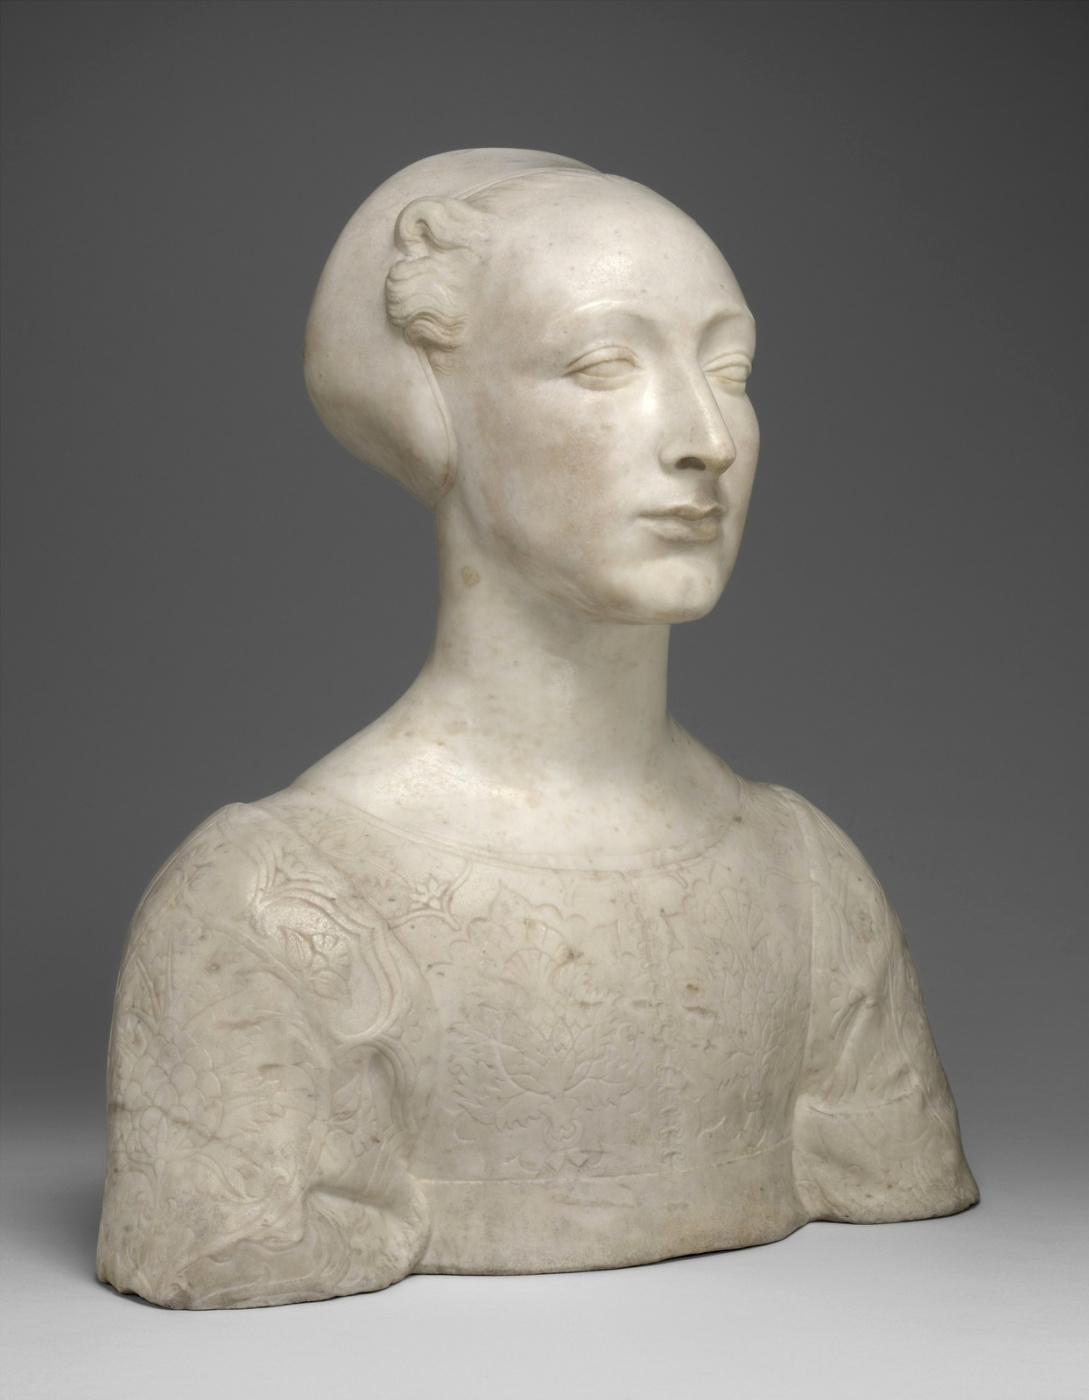 Andrea del Verrocchio. Portrait of a young woman